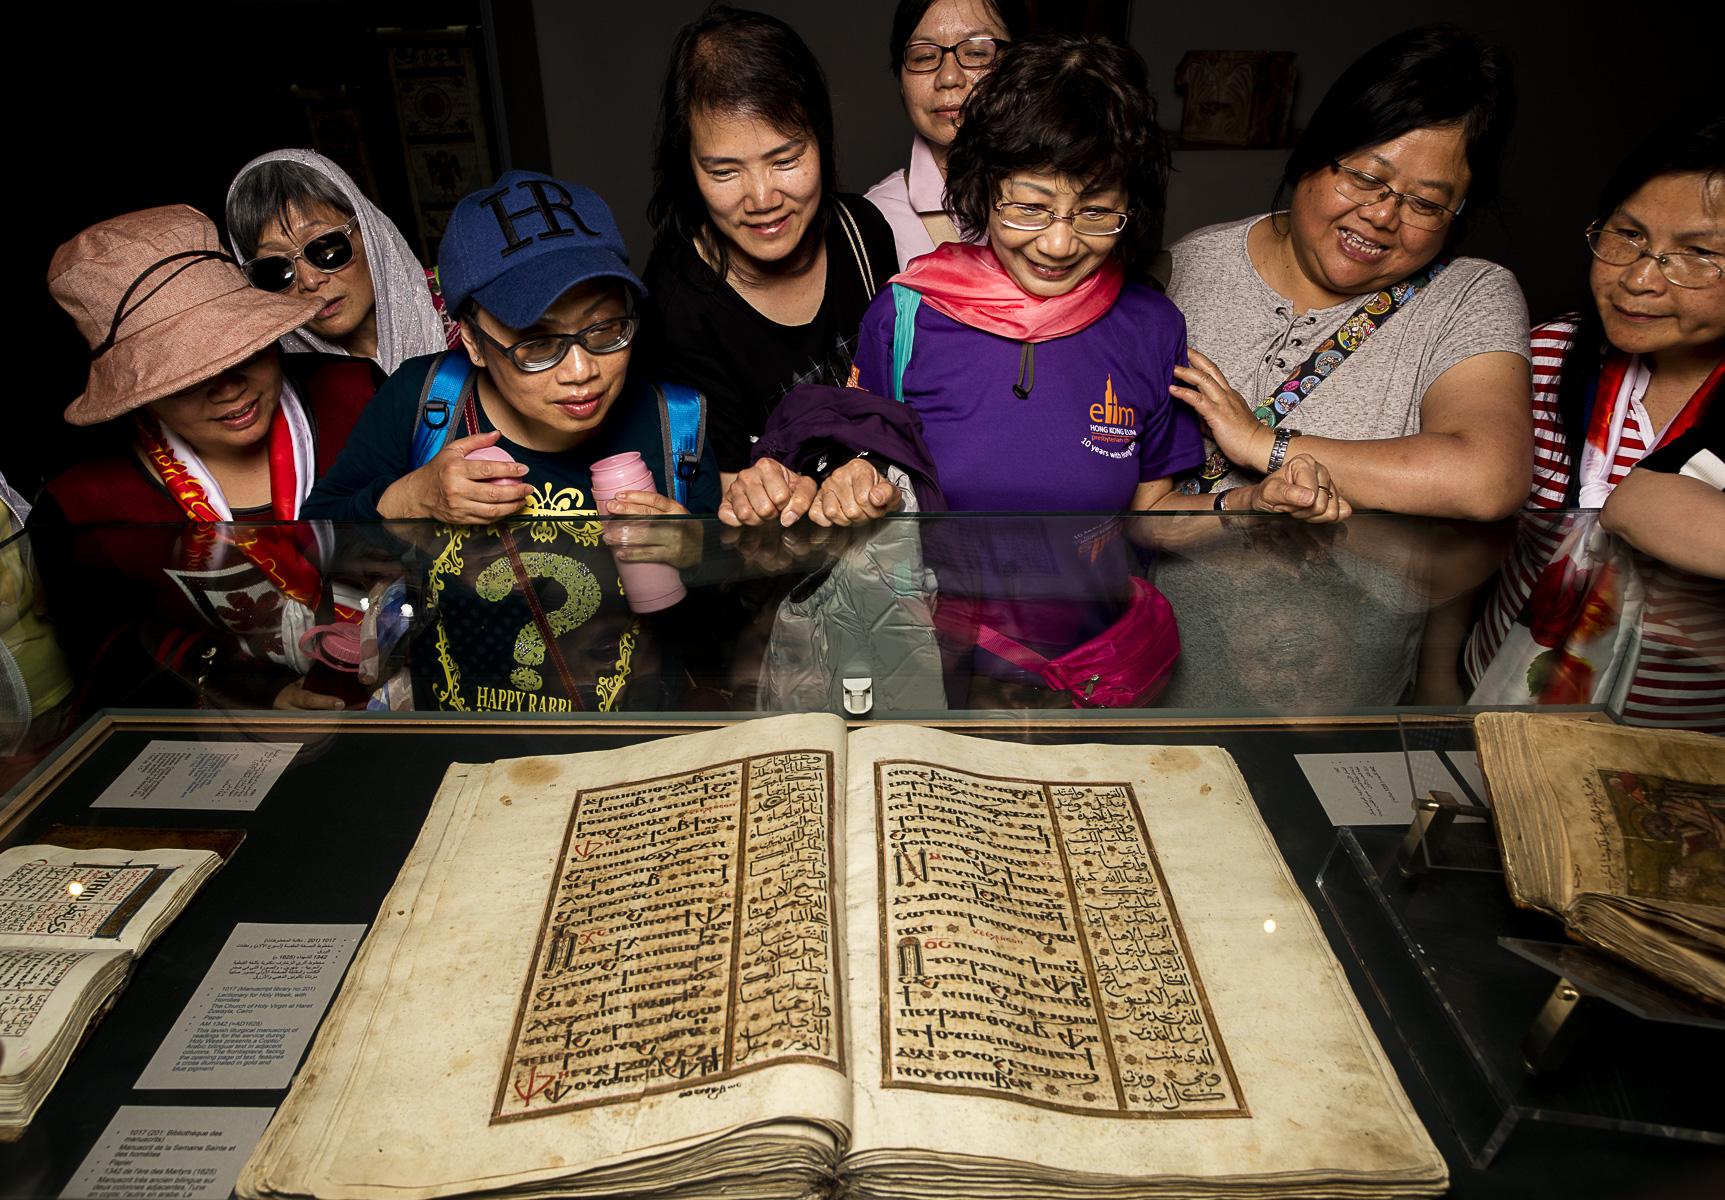 Le Caire, Mars 2016. Un groupe de touristes chinois de Hong Kong, rares touristes à s'aventurer dans le quartier Copte, en admiration devant le manuscrit de la semaine Sainte et des homélies de 1342 .